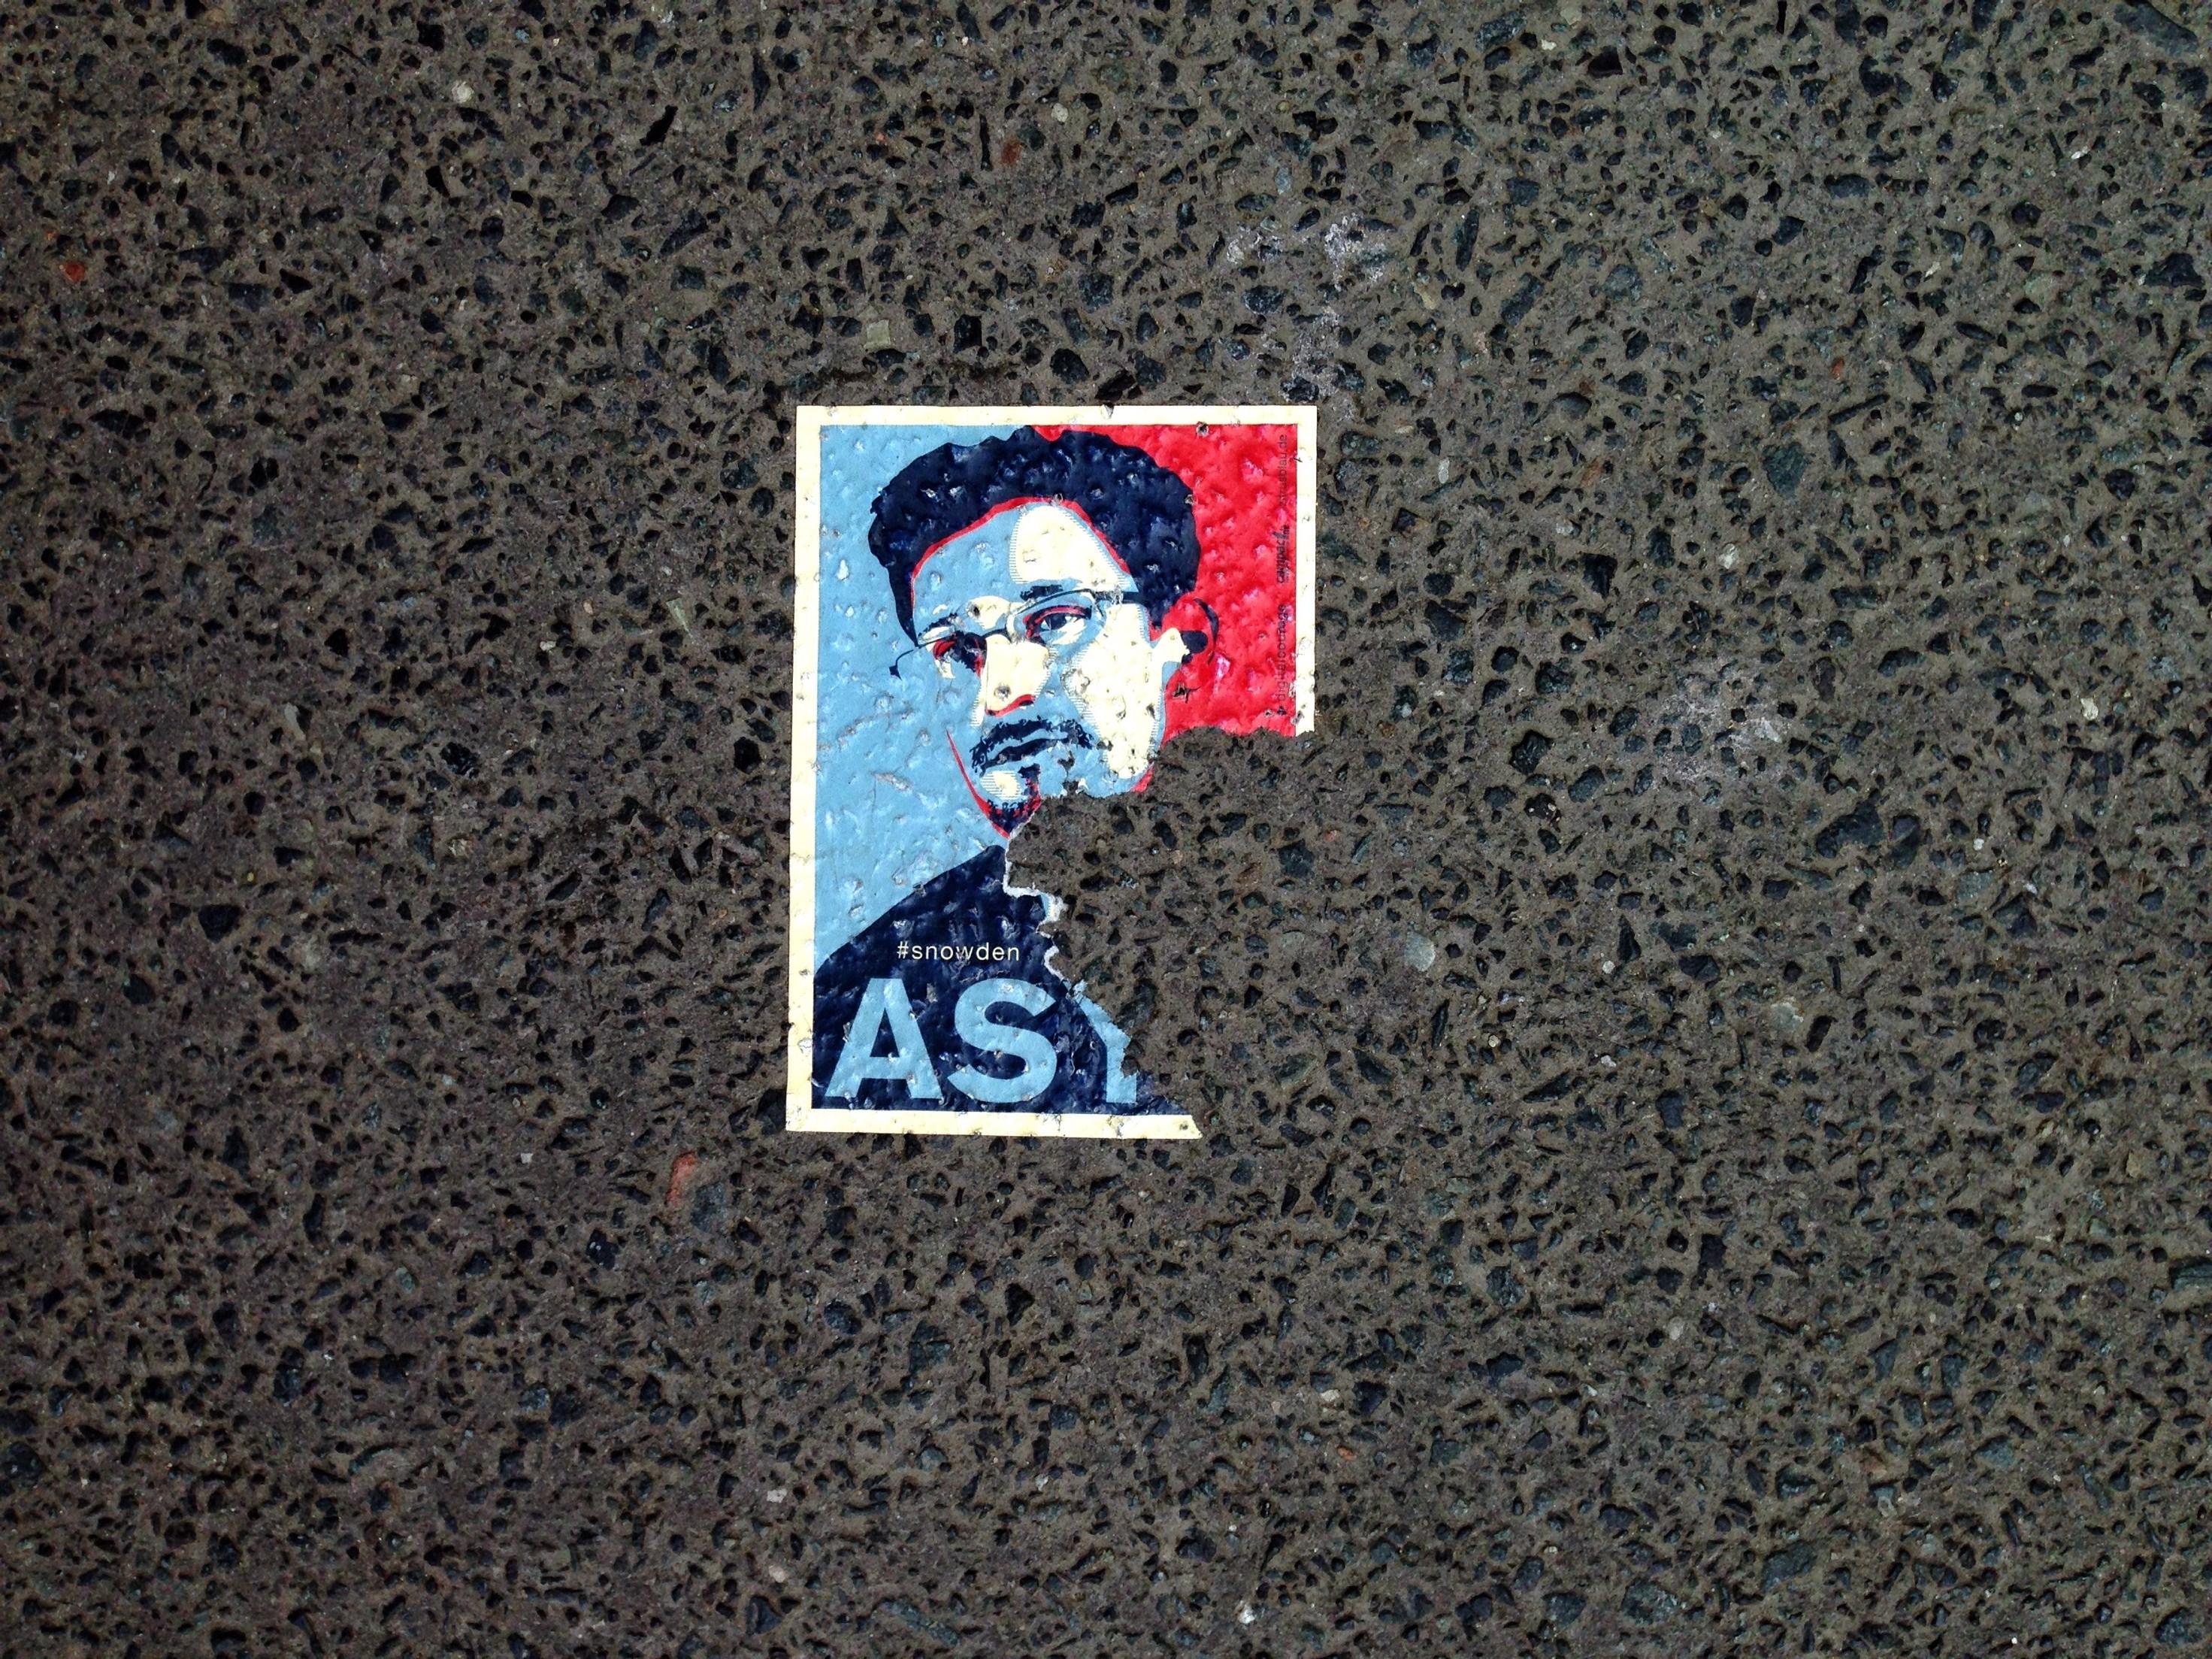 Snowden-Leaks helfen Terroristengruppen: Android beliebteste Plattform bei Terroristen